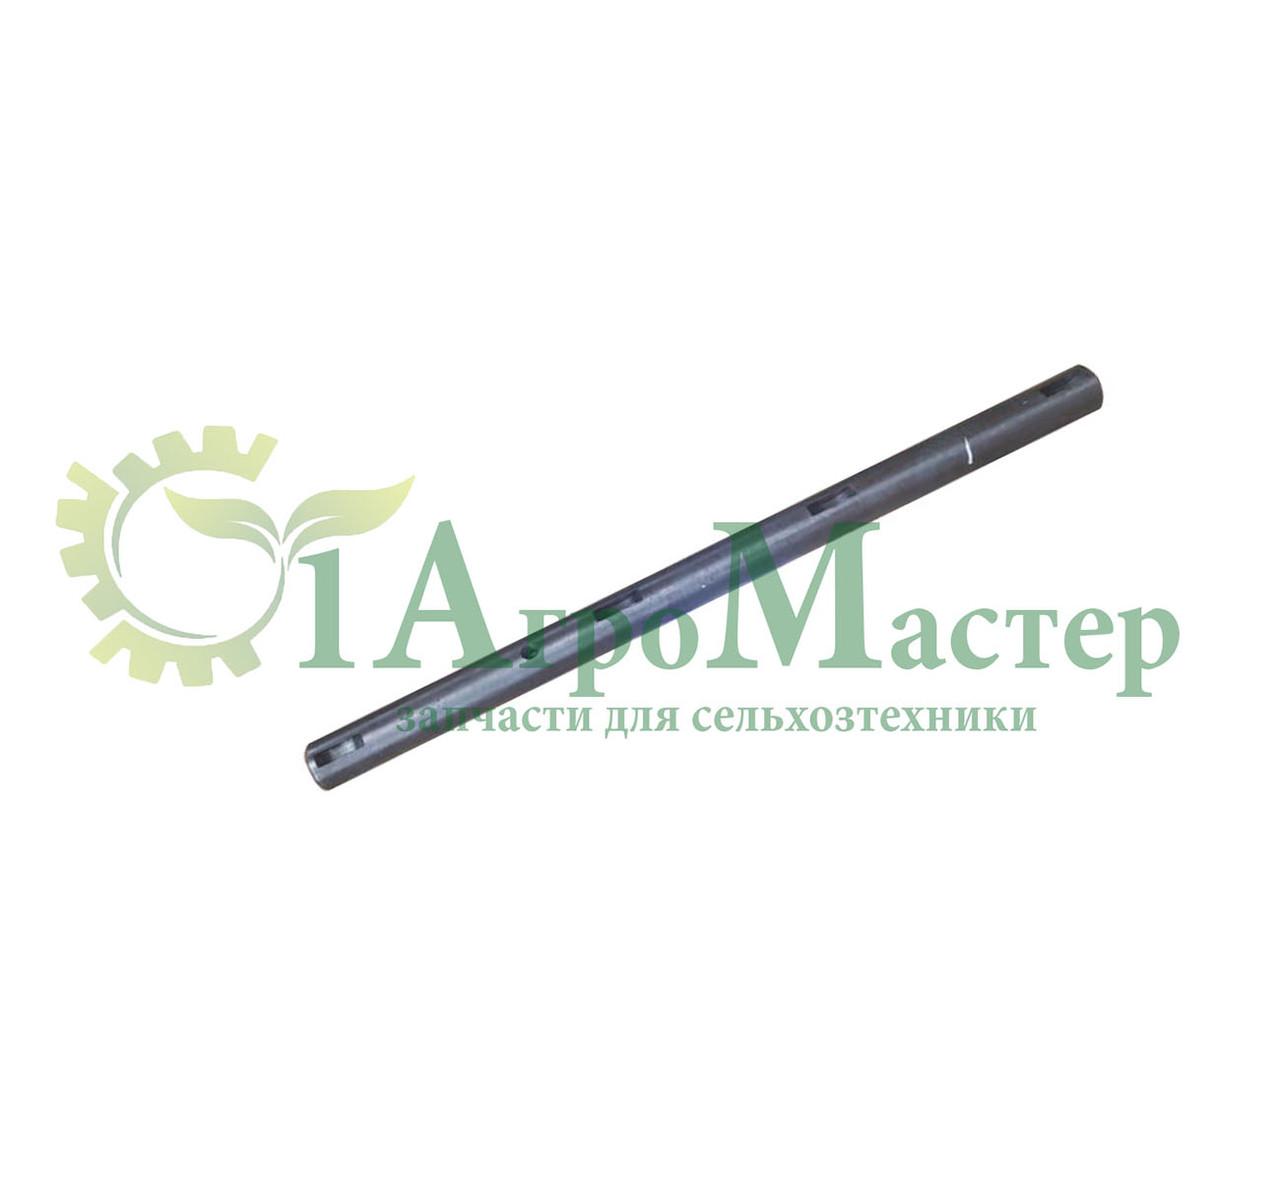 Вал включения сцепления СМД-60, Т-150К (151.21.231-2) на 4 шпонки